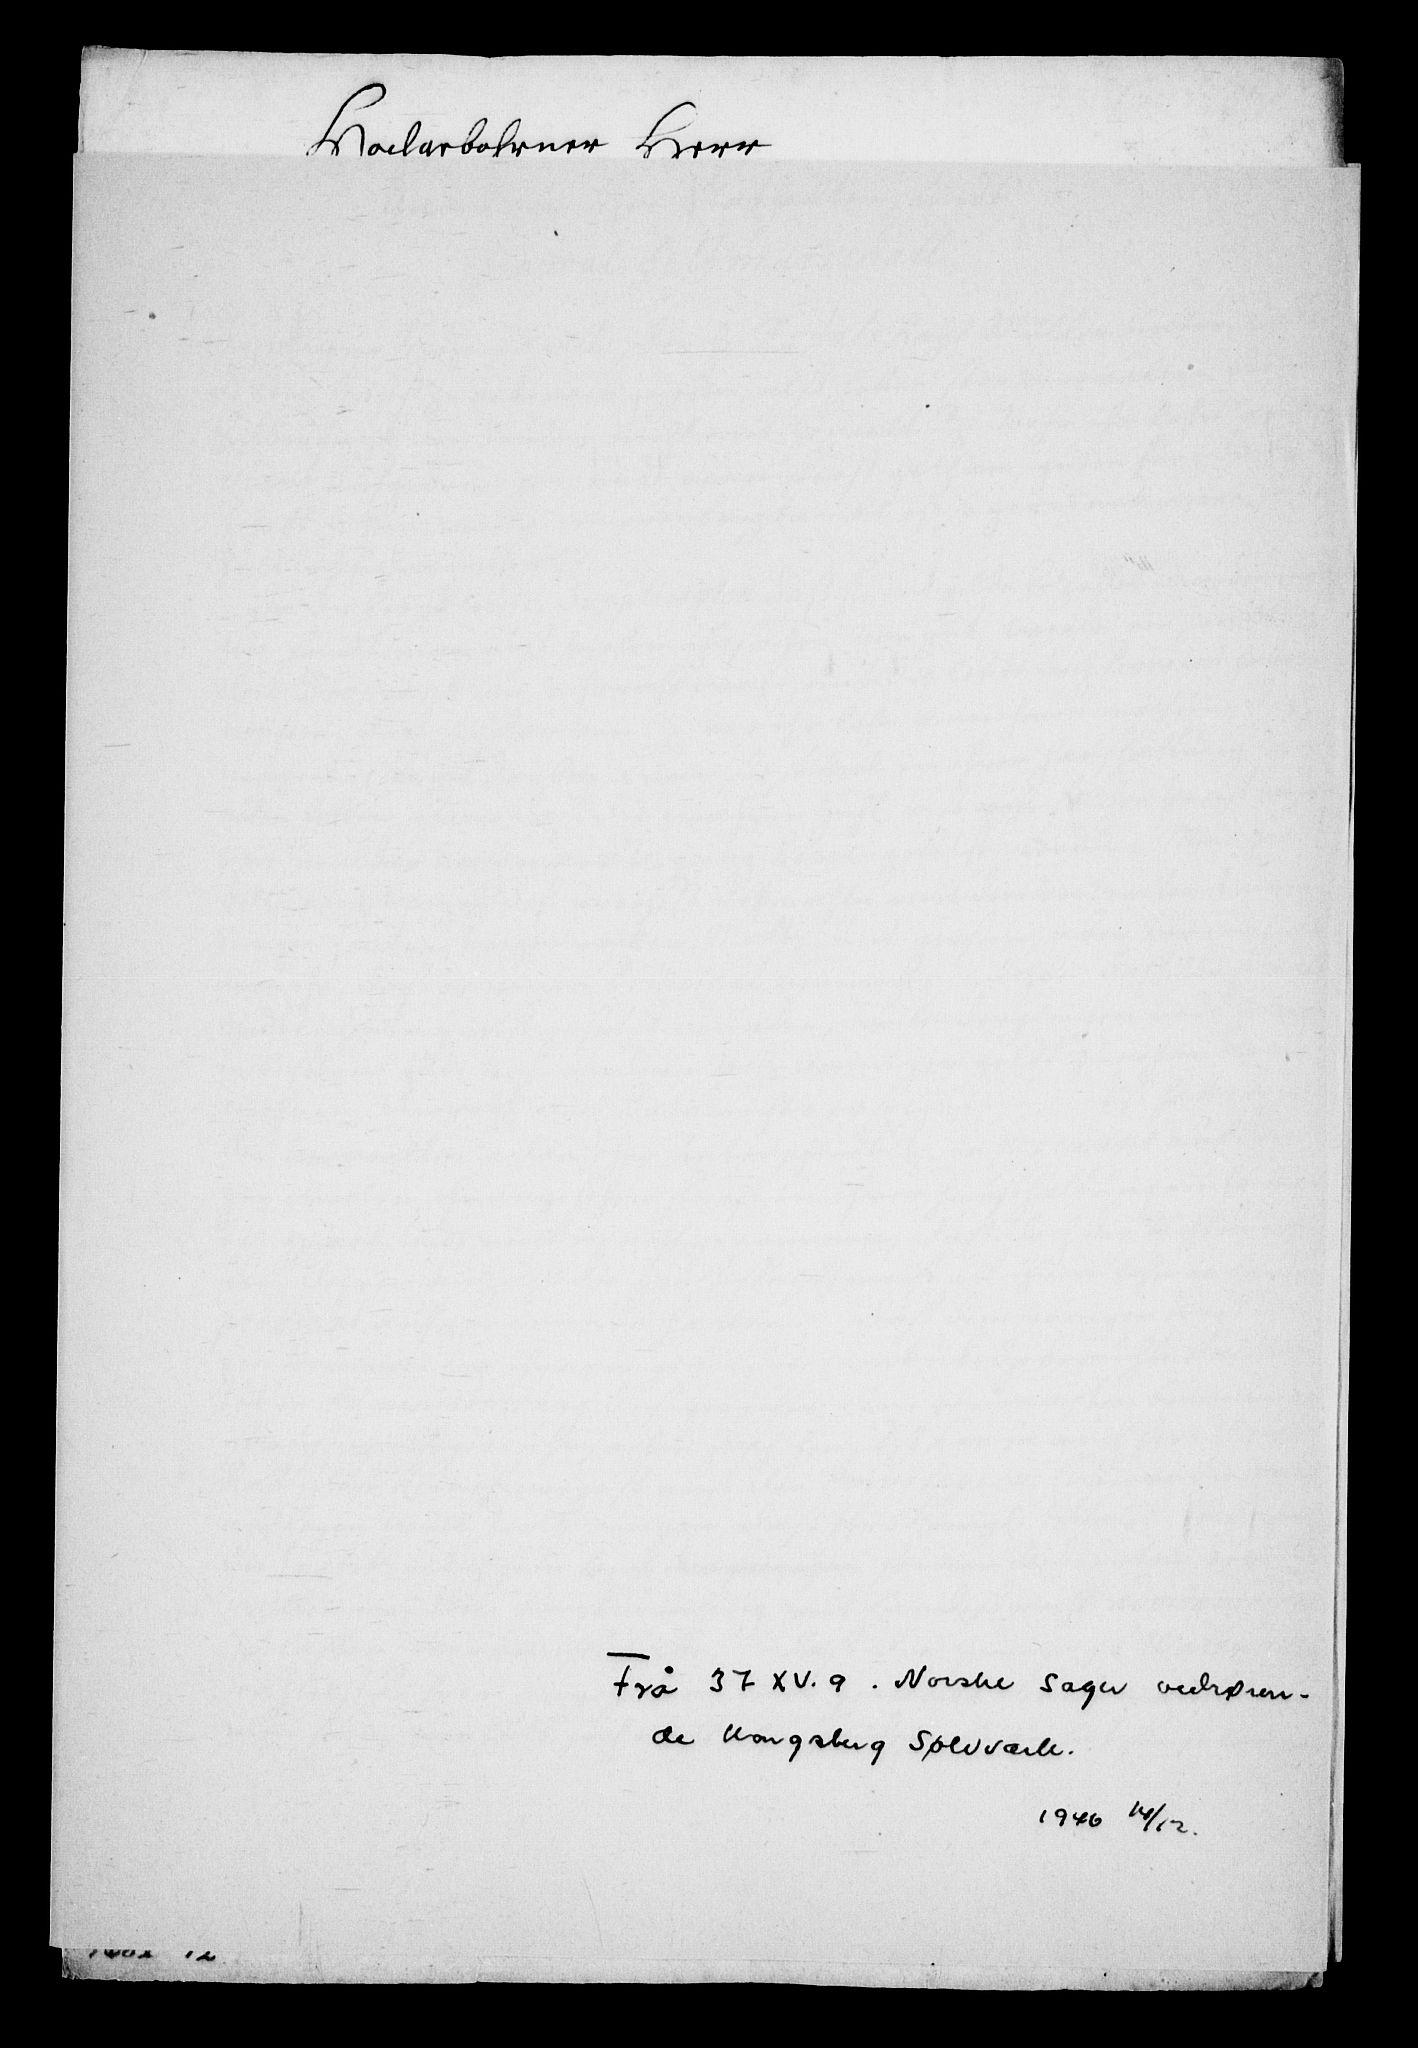 RA, Danske Kanselli, Skapsaker, G/L0019: Tillegg til skapsakene, 1616-1753, p. 202